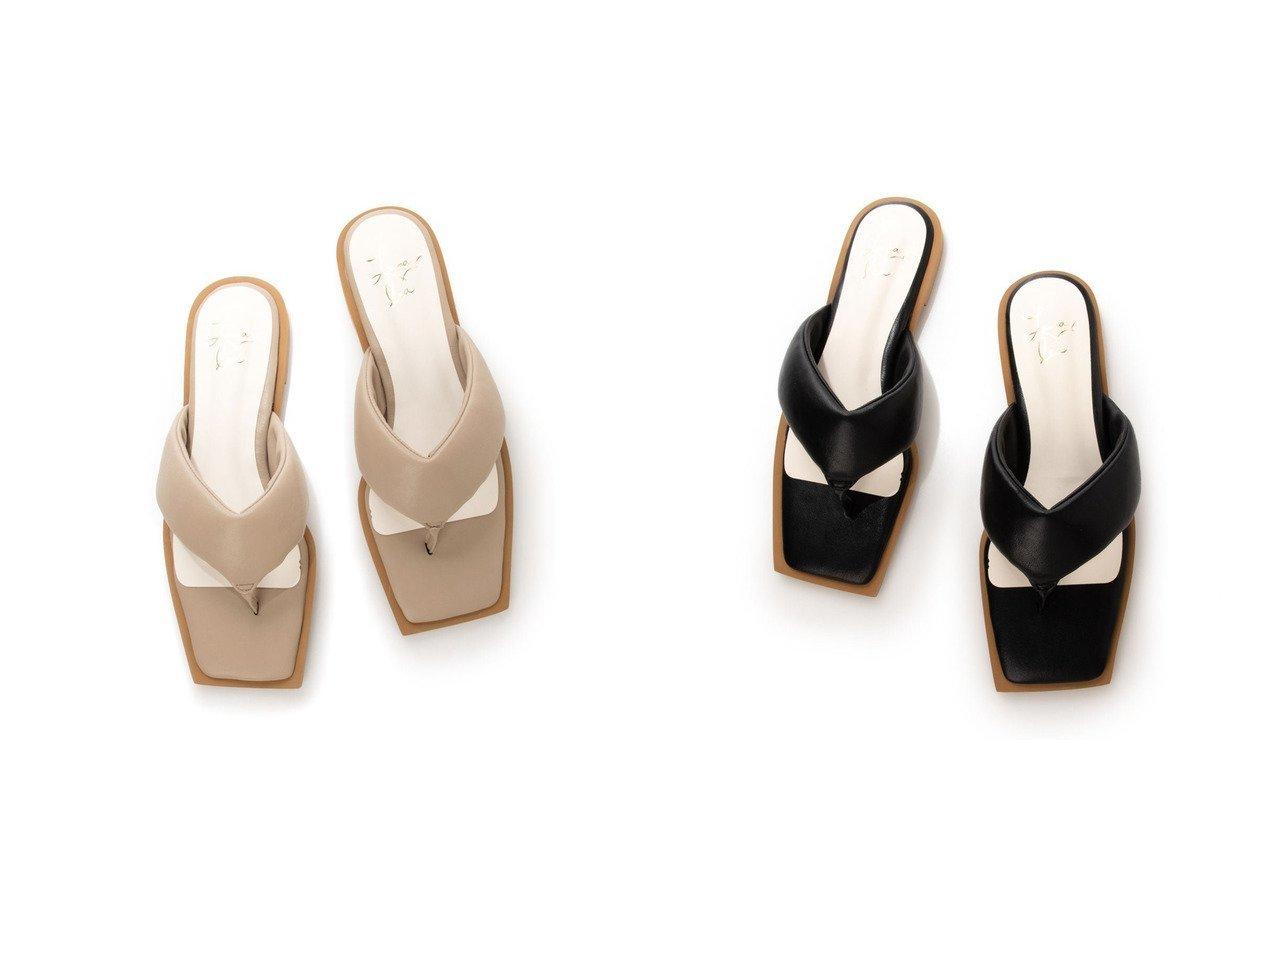 【Launa lea/ラウナレア】のスクエアトゥトングサンダル 【シューズ・靴】おすすめ!人気、トレンド・レディースファッションの通販 おすすめで人気の流行・トレンド、ファッションの通販商品 インテリア・家具・メンズファッション・キッズファッション・レディースファッション・服の通販 founy(ファニー) https://founy.com/ ファッション Fashion レディースファッション WOMEN インソール 春 Spring クッション 抗菌 サンダル トレンド メッシュ リラックス 2021年 2021 S/S・春夏 SS・Spring/Summer 2021春夏・S/S SS/Spring/Summer/2021 夏 Summer  ID:crp329100000048147